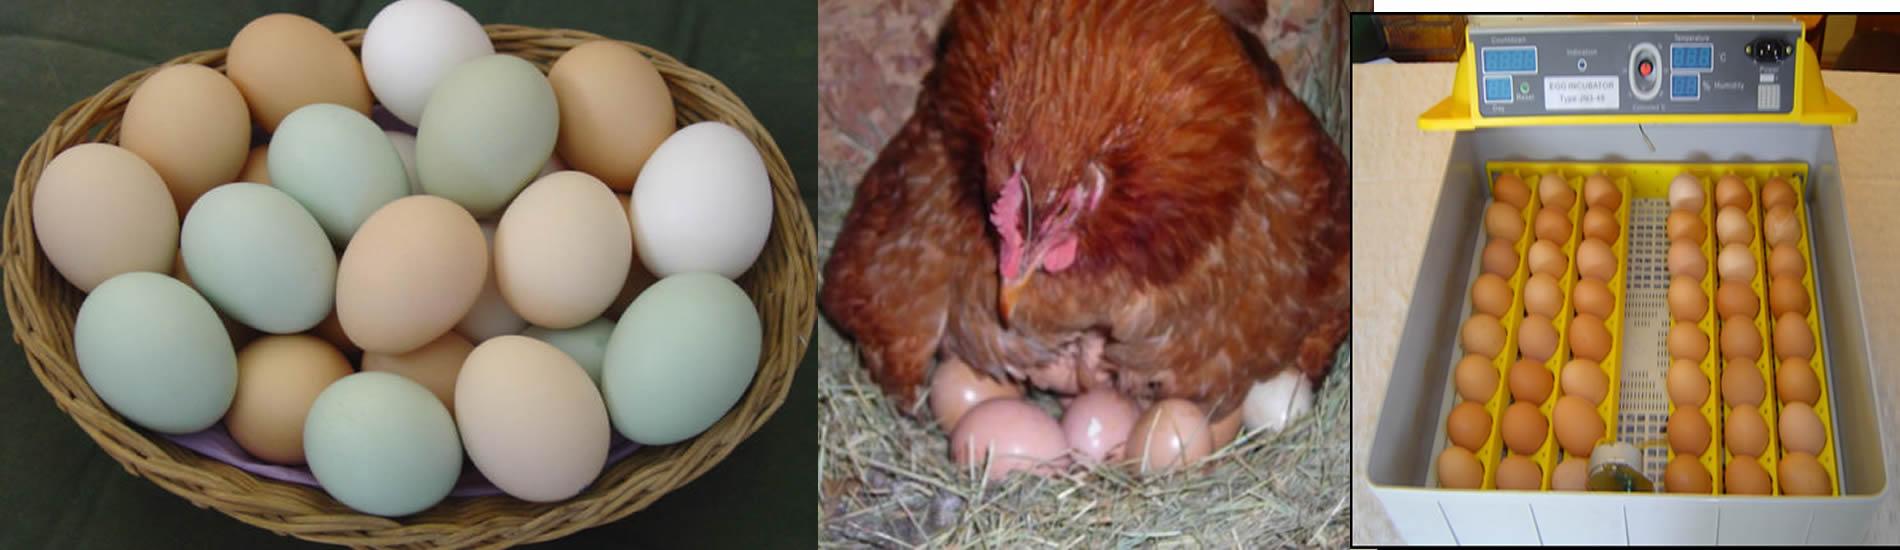 fertile kienyeji eggs